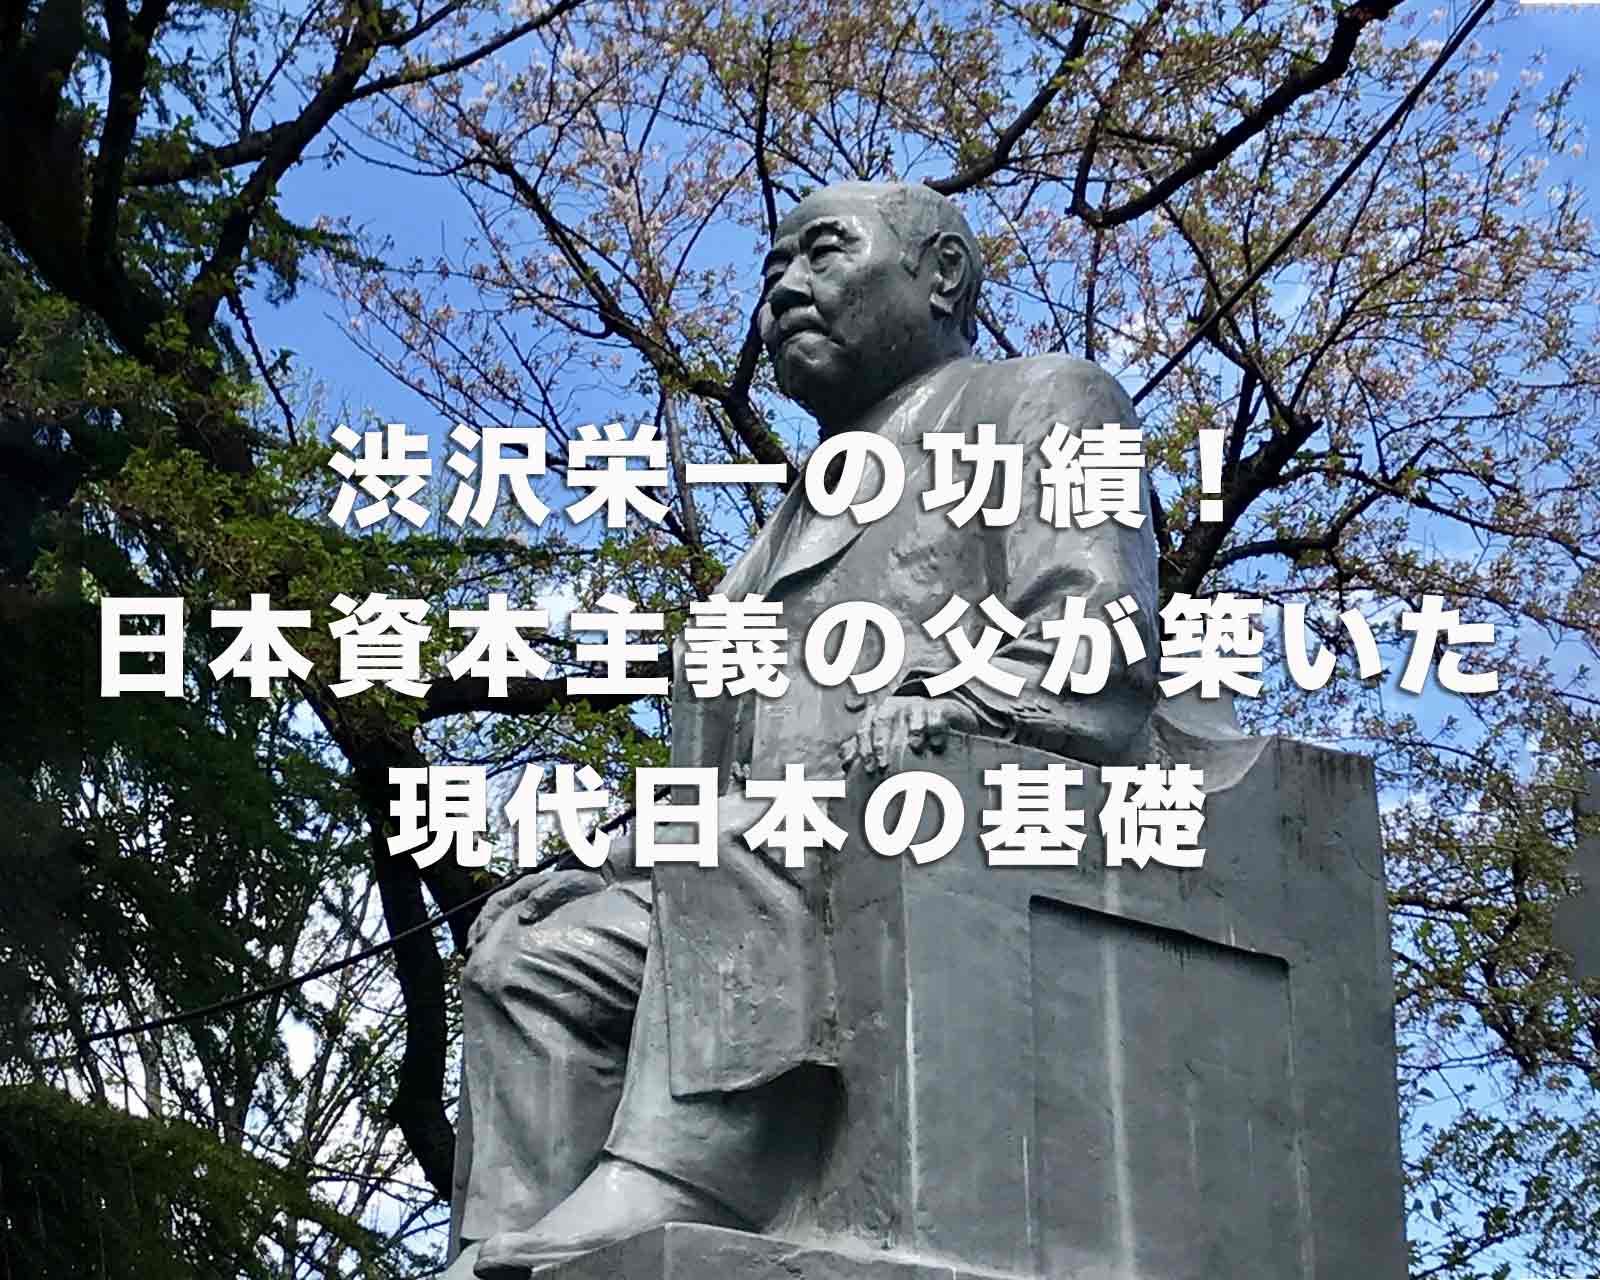 渋沢栄一の功績!日本資本主義の父が築いた、現代日本の基礎